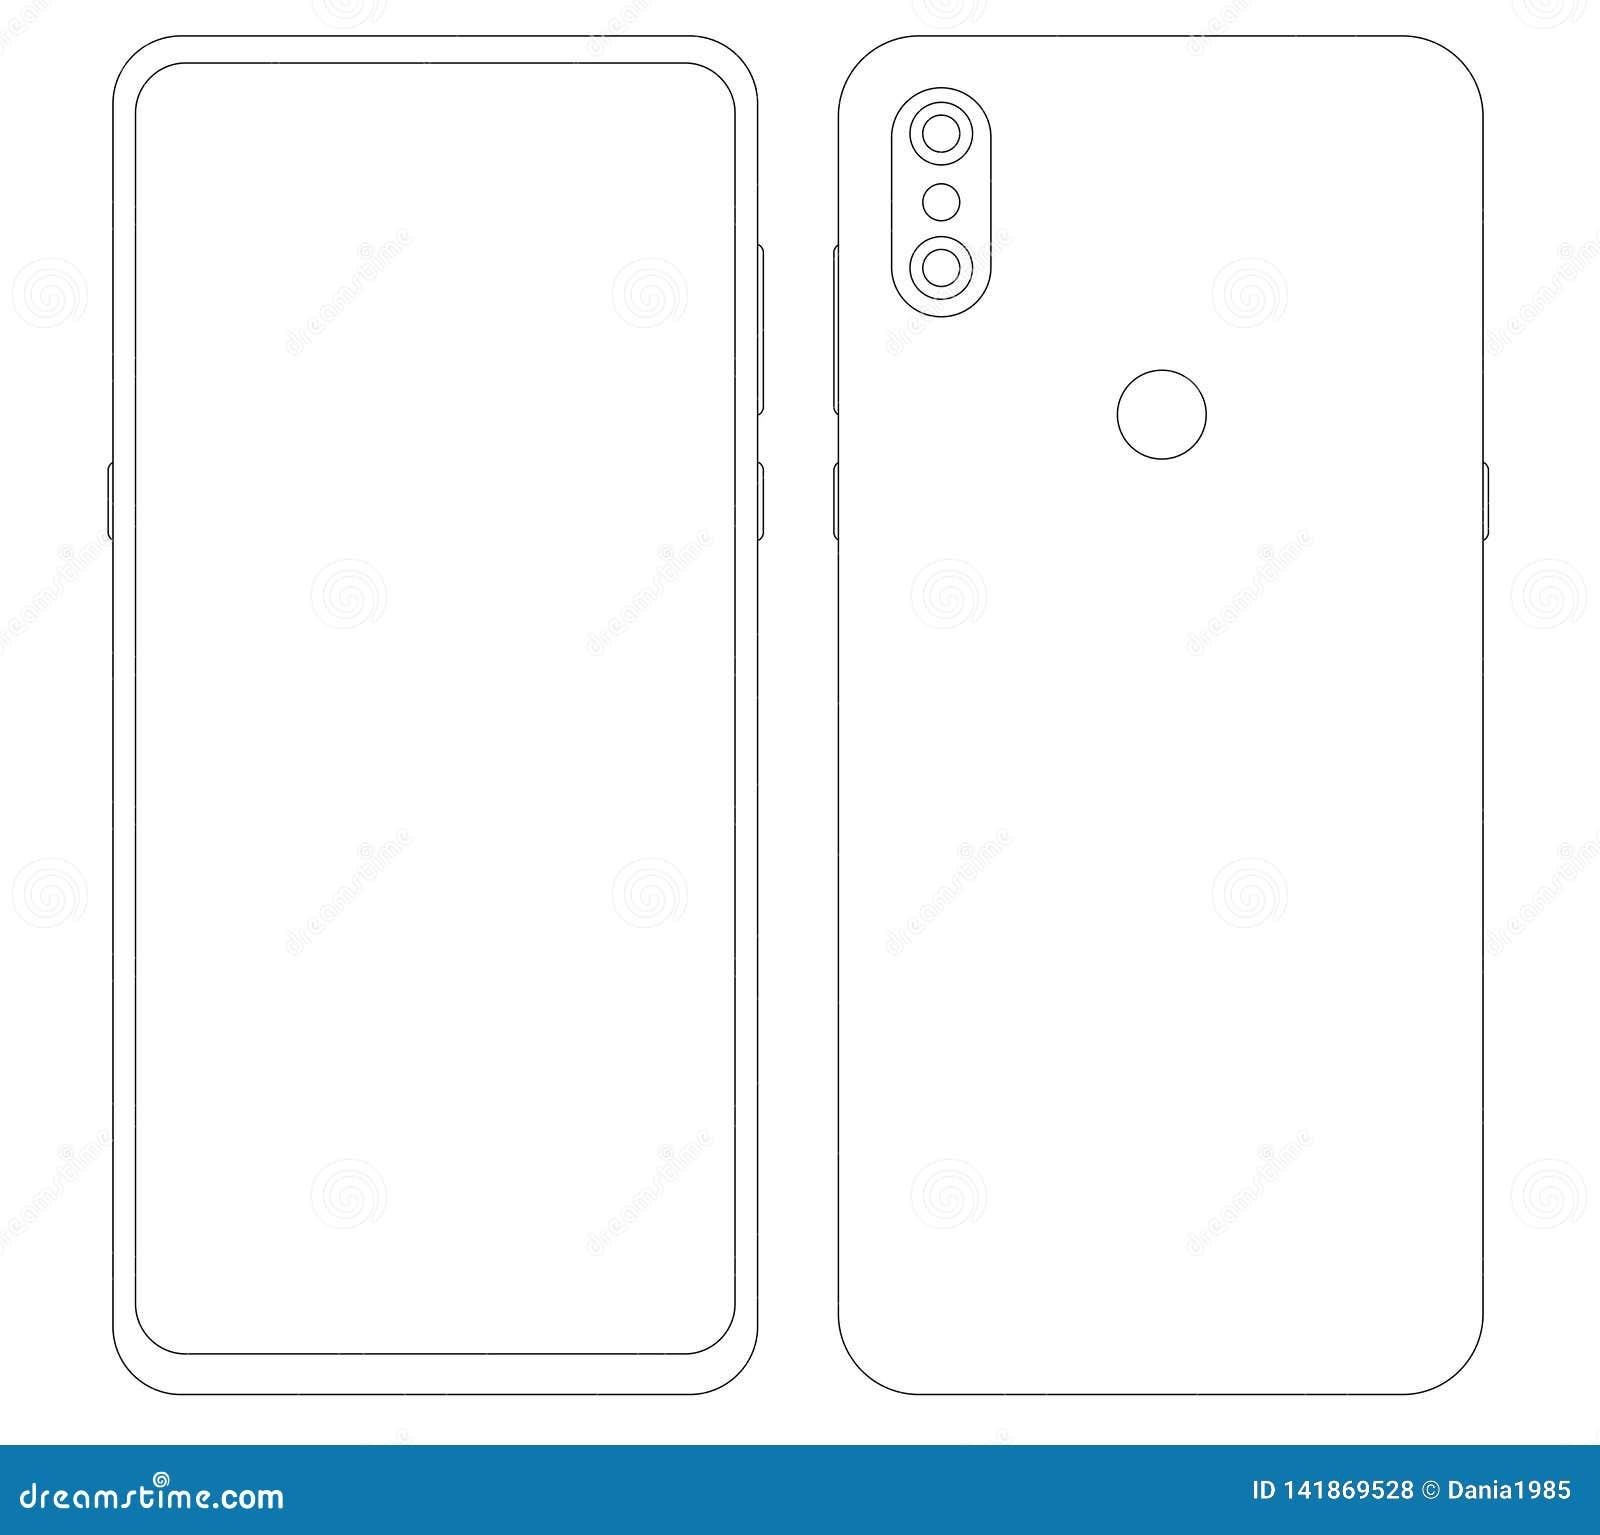 Display Smartphones Template Xiaomi Mi Mix 3 Stock Vector